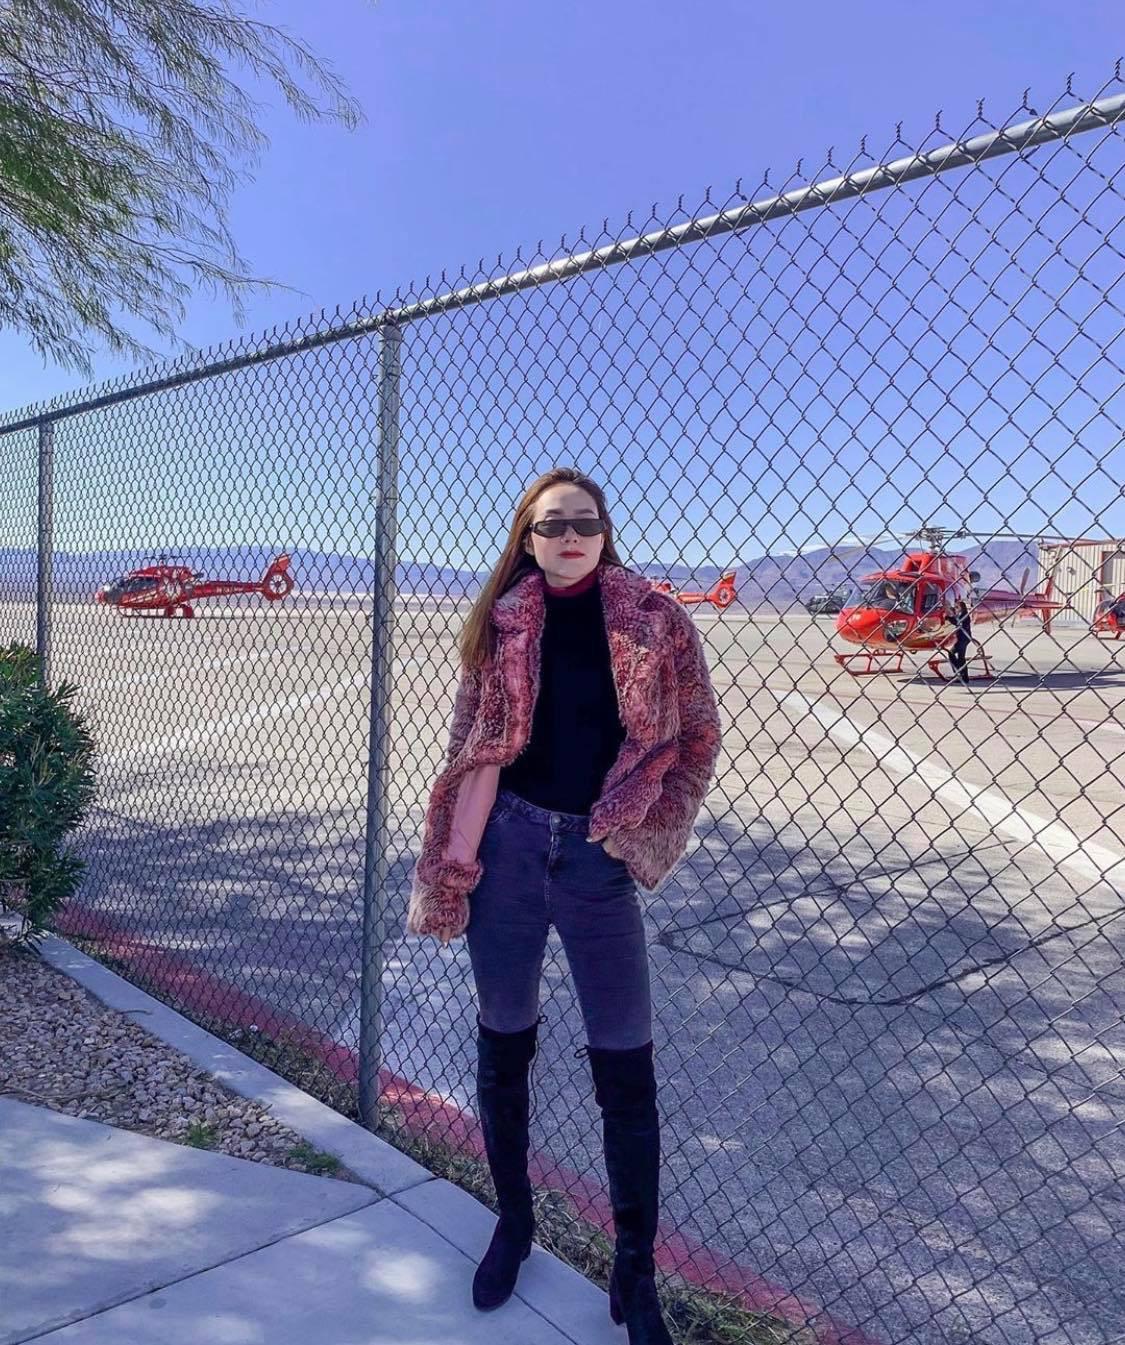 Mỹ nhân Vbiz vi vu Tết Kỷ Hợi: Minh Hằng khá phá Las Vegas bằng trực thăng, Đông Nhi tránh nóng ở Nhật - Ảnh 2.